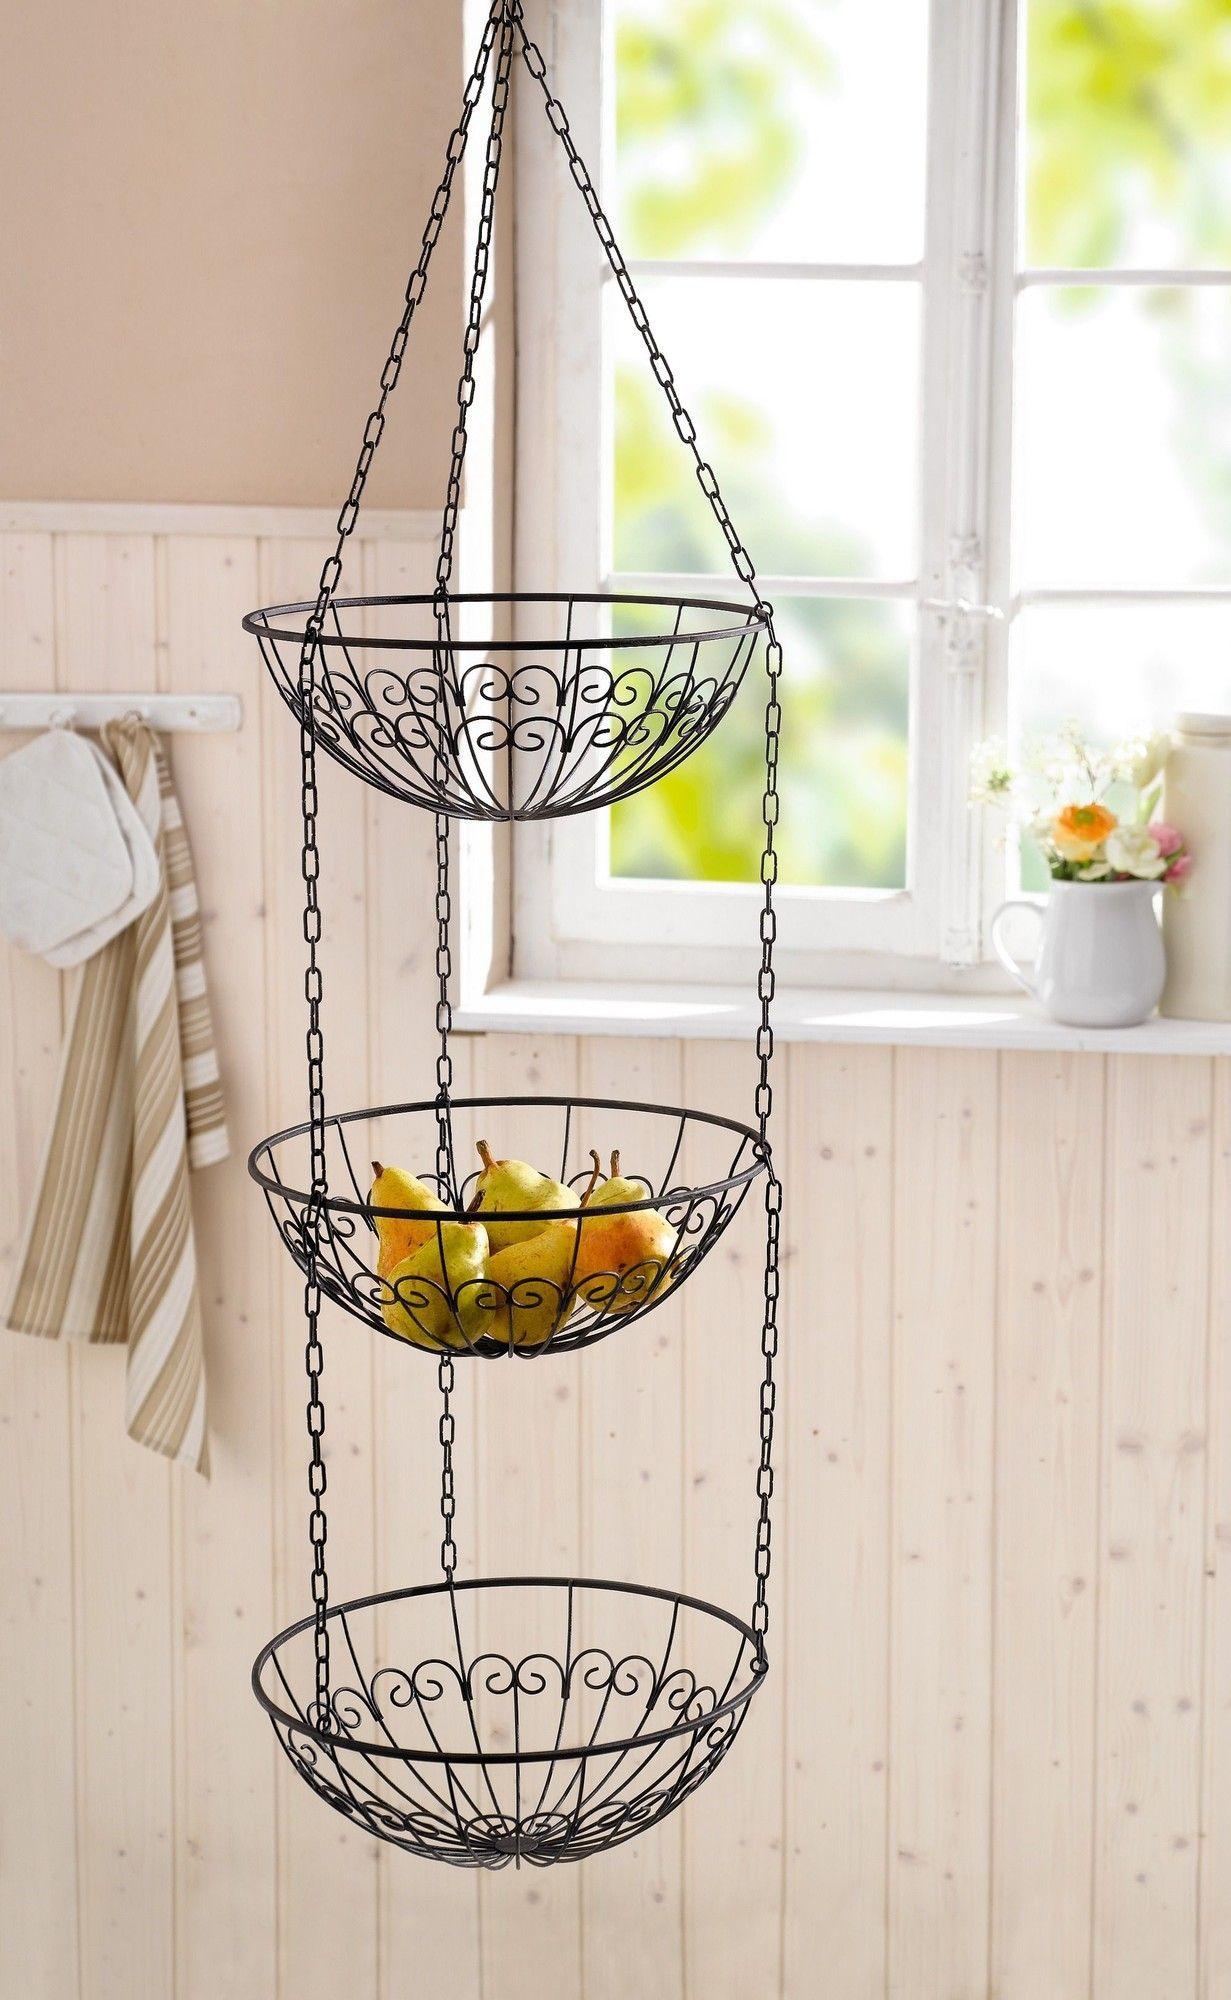 Wire Kitchen 230 Fl Oz Hanging Fruit Basket Hanging Fruit Baskets Fruit Basket Tiered Fruit Basket